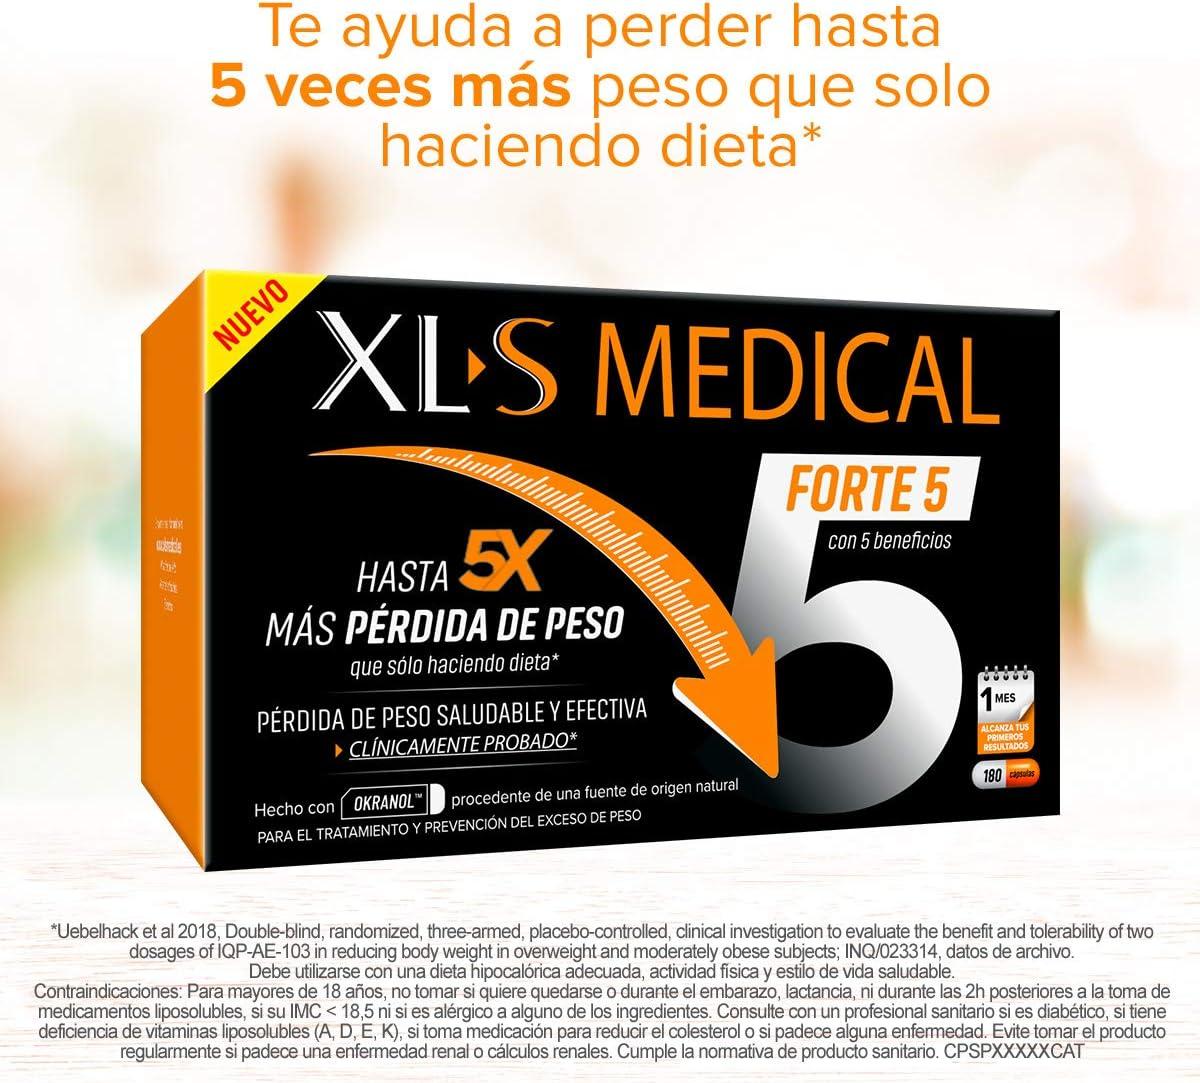 XLS Medical Forte 5 | Captagrasas | Pierde hasta 5 veces más peso ...